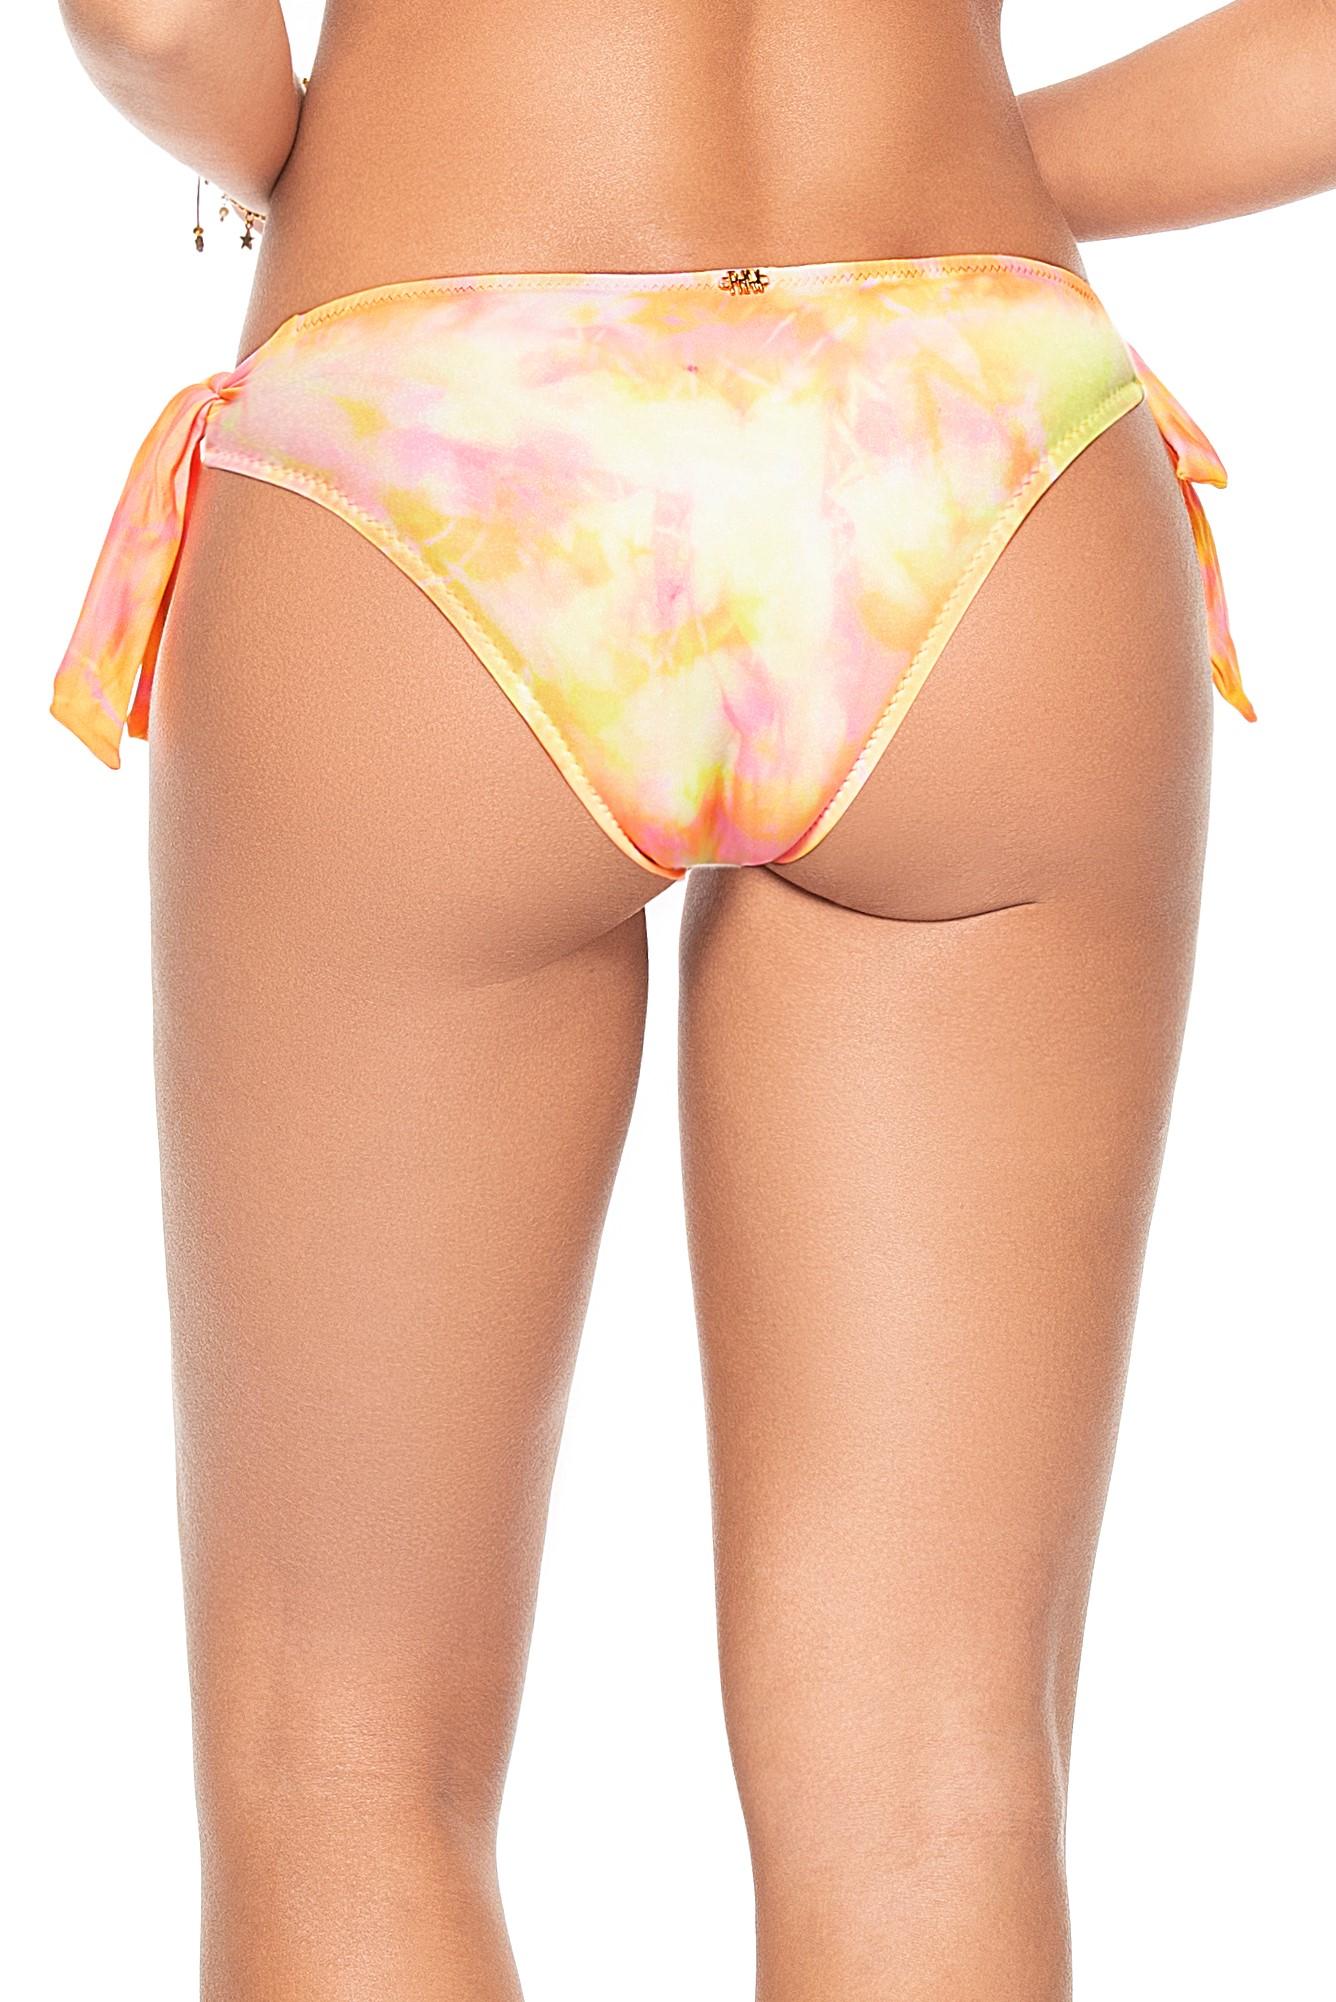 Phax Bella Iceland Yellow Triangle Bikini